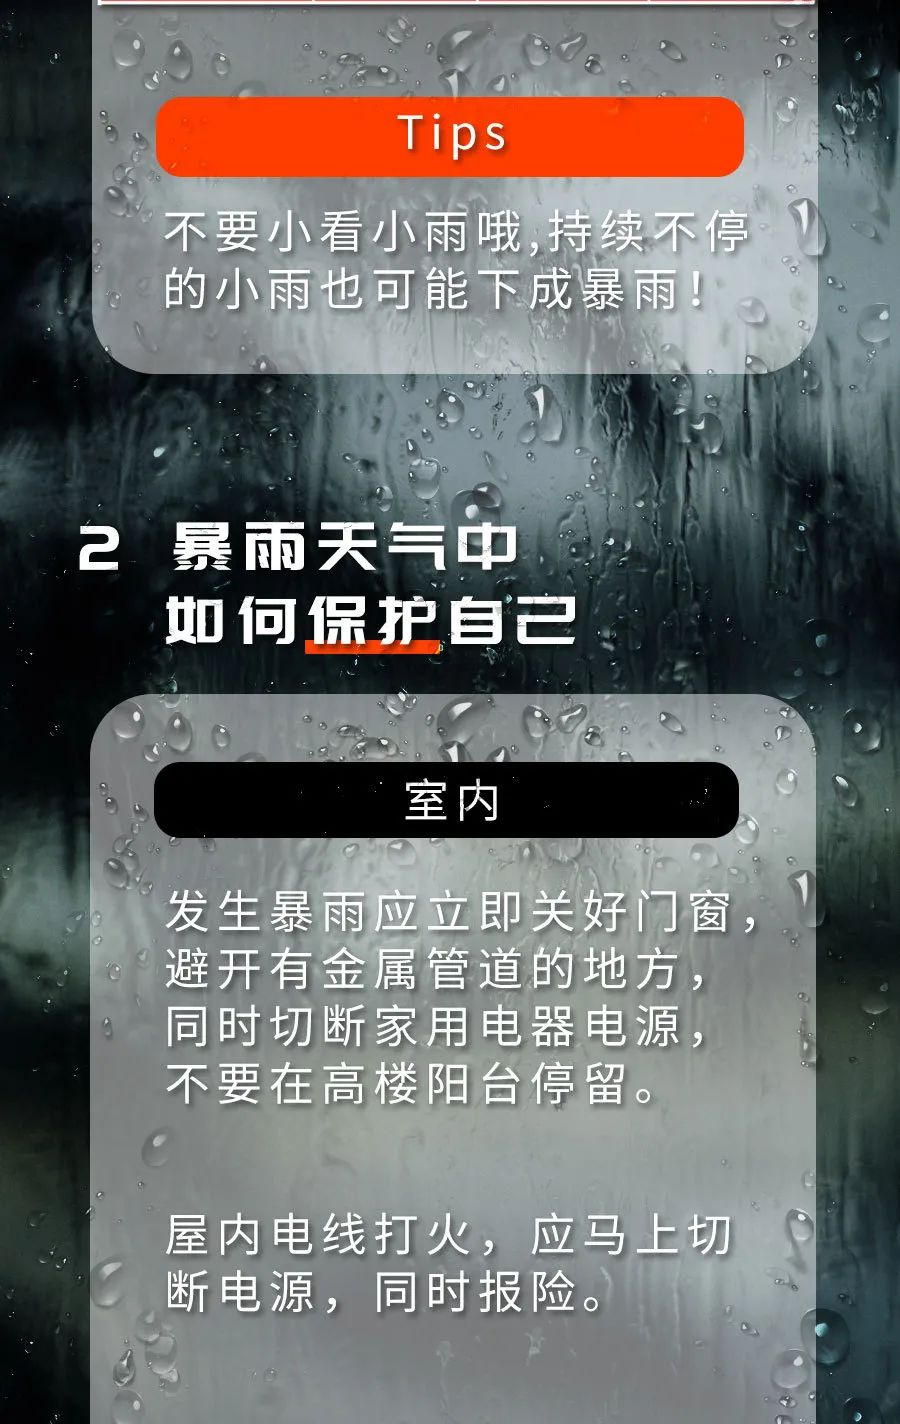 分享 |暴雨天气,如何避险?这份安全提示请您收好